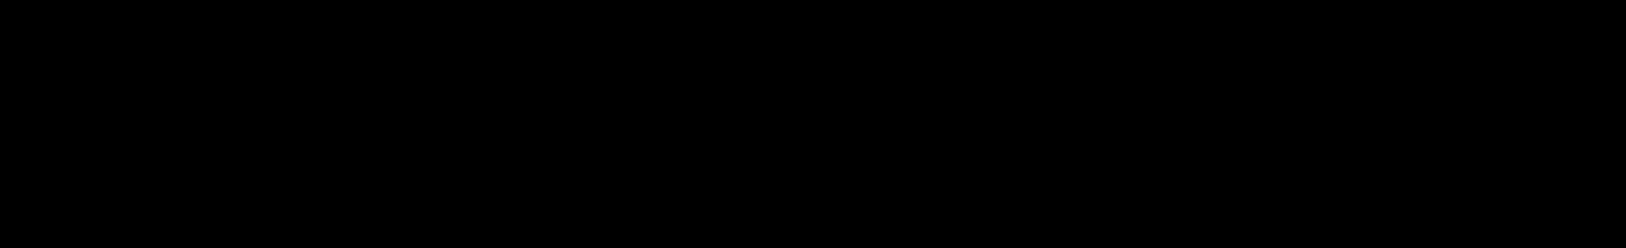 Kollaras